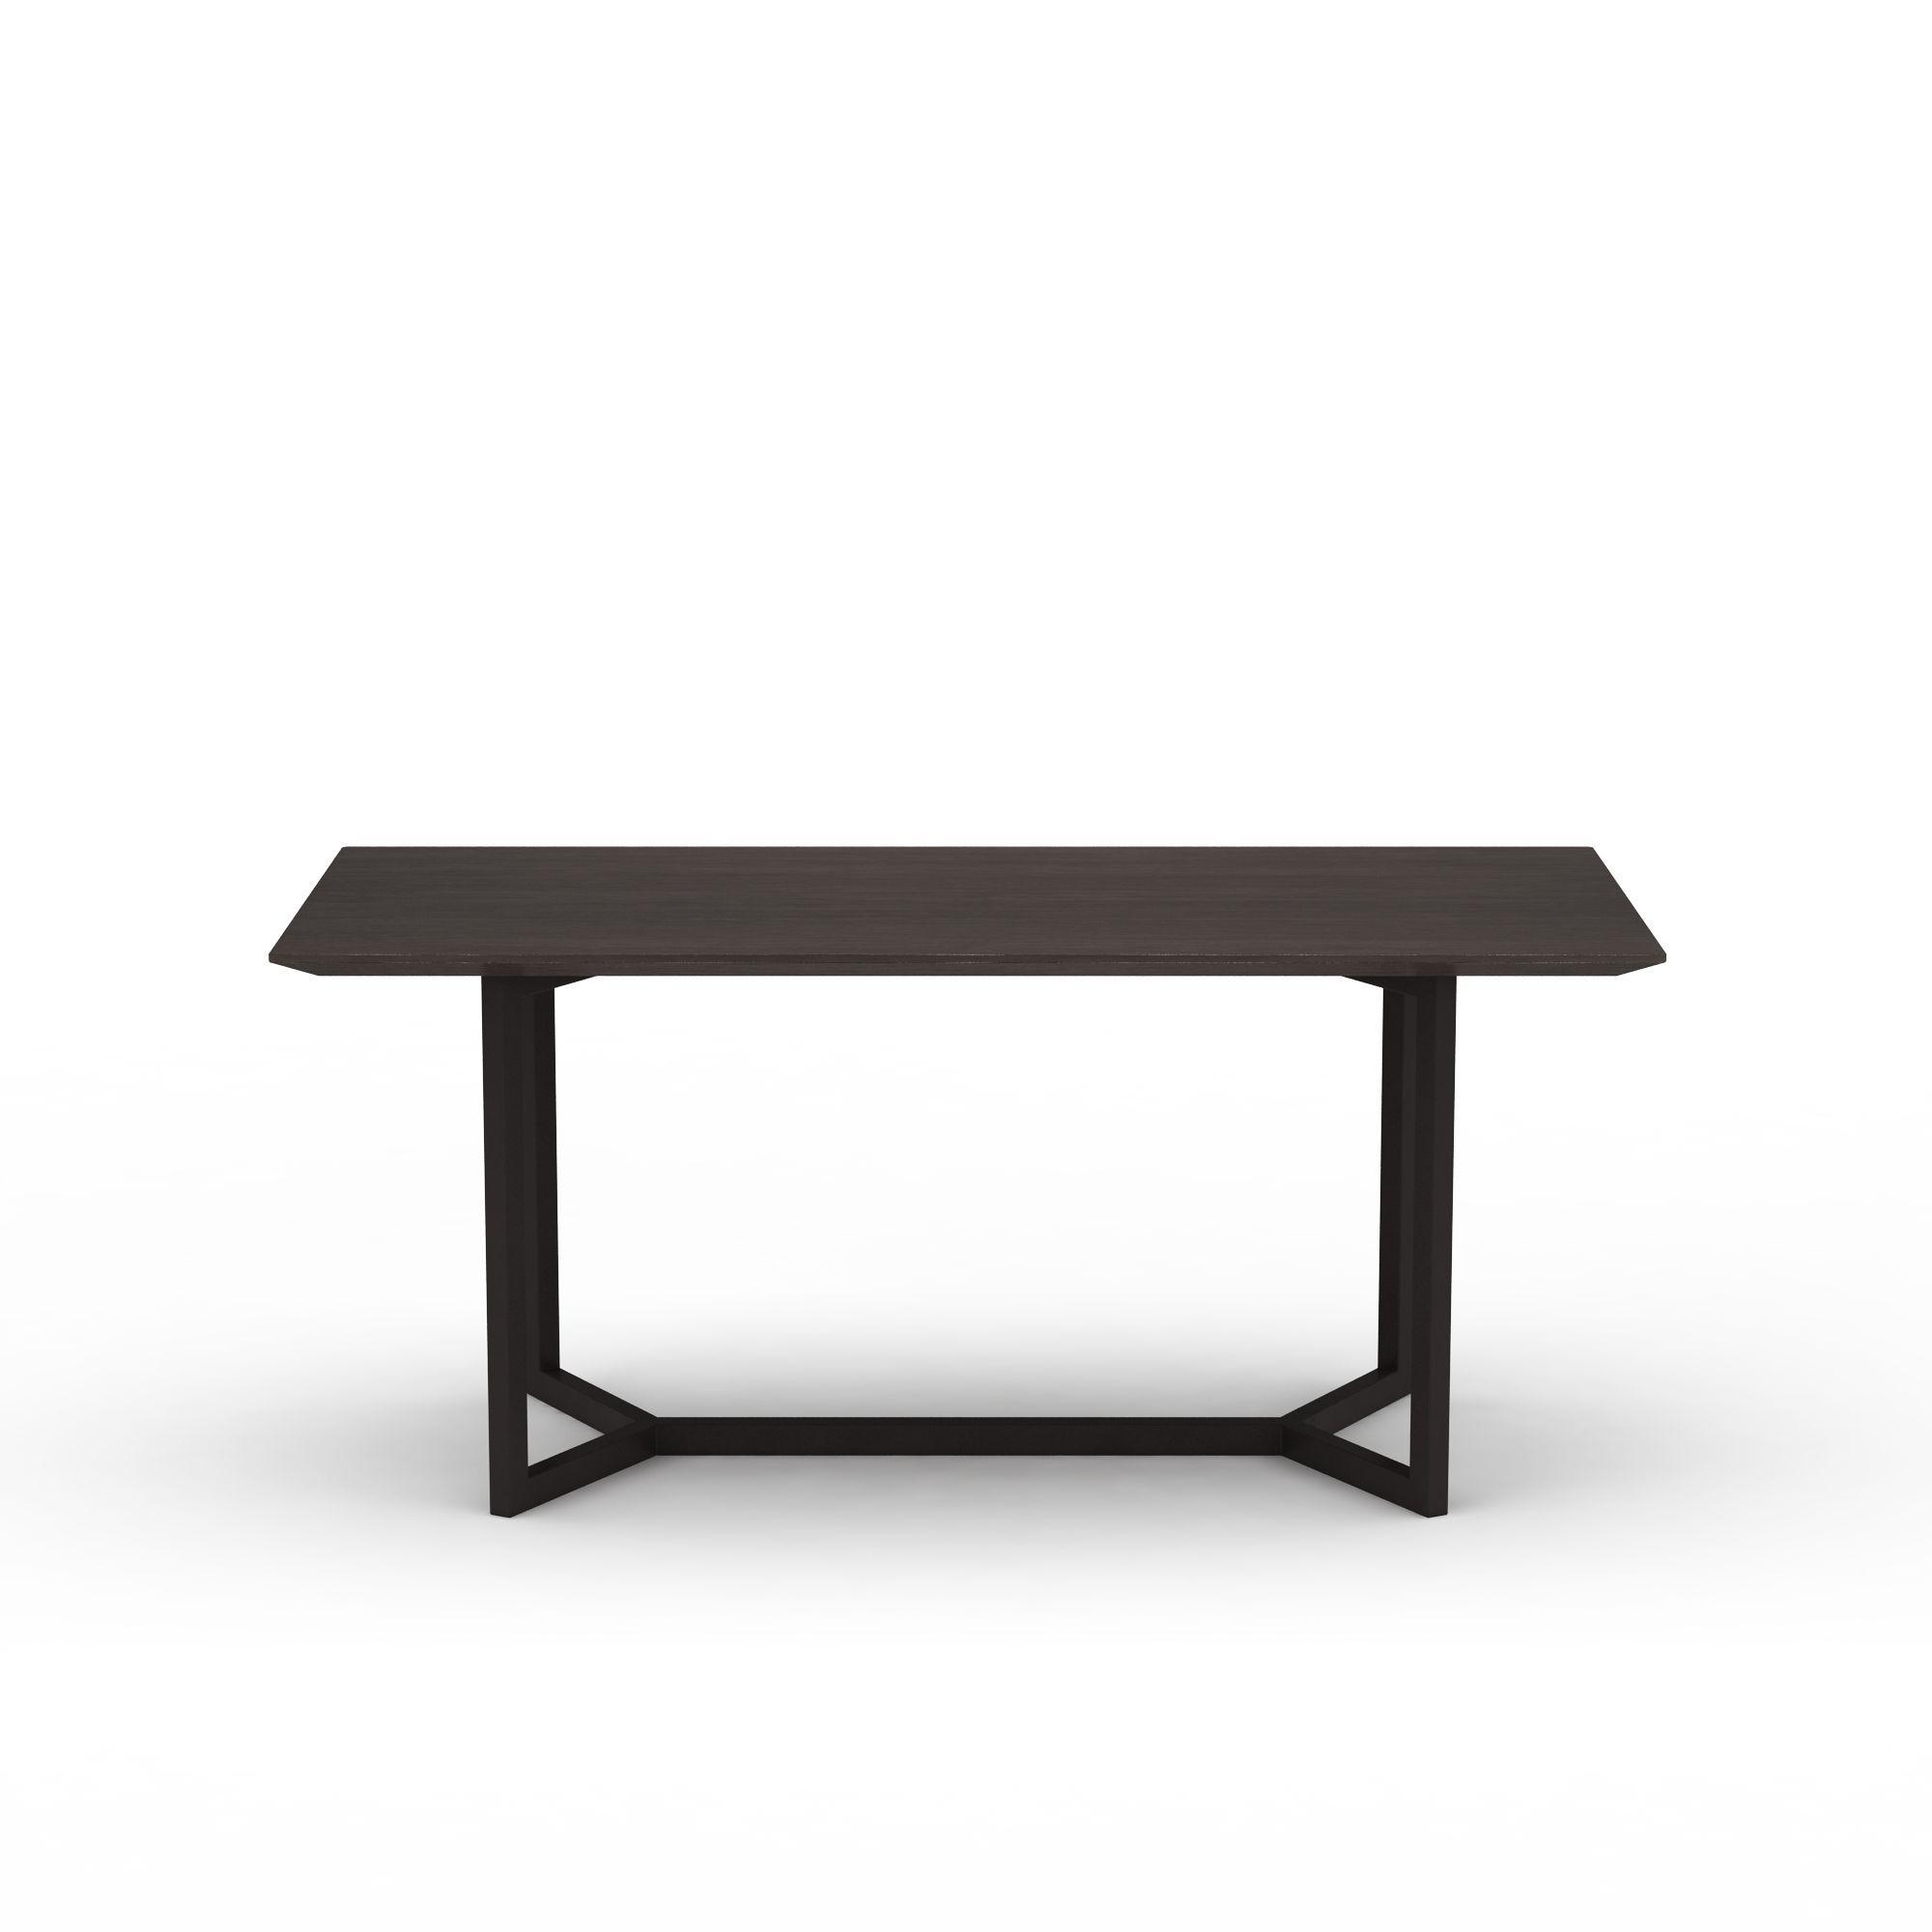 室内家具桌子图片_室内家具桌子png图片素材_室内家具